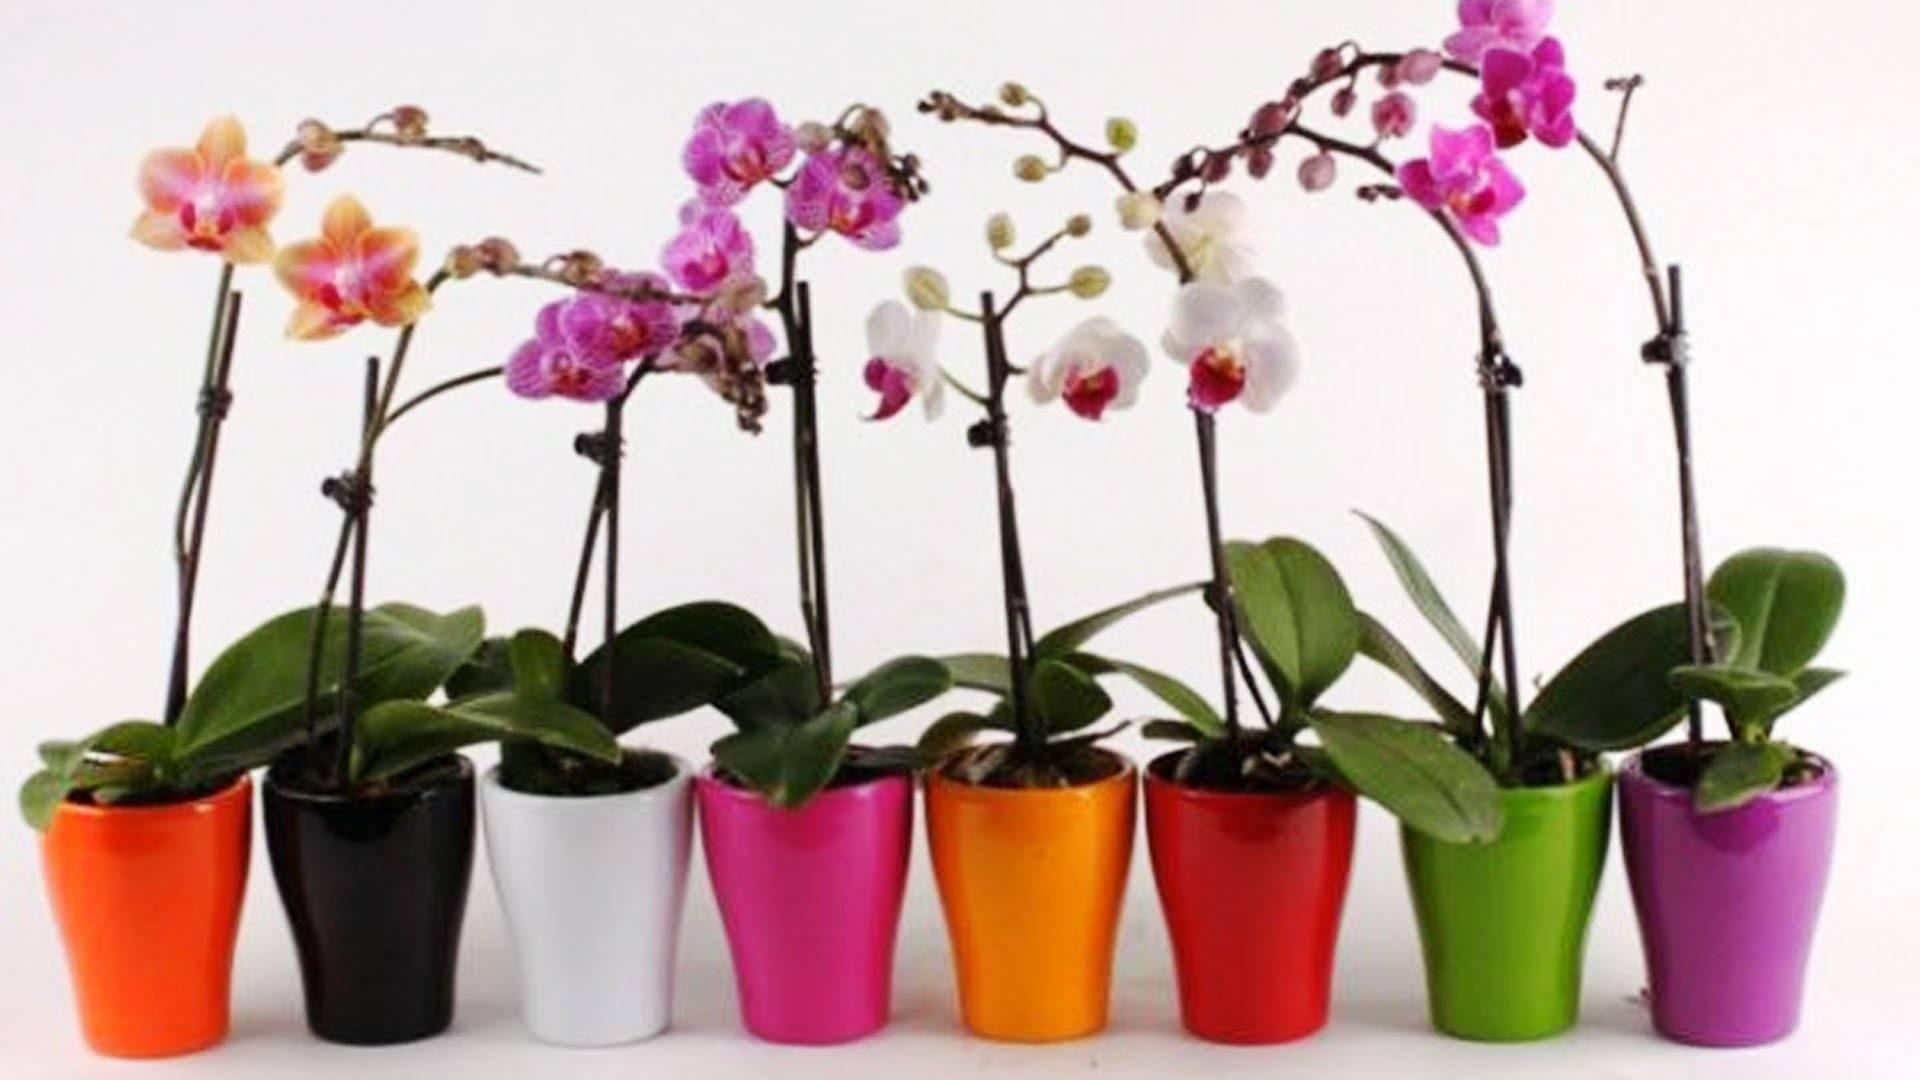 Когда можно пересадить орхидею